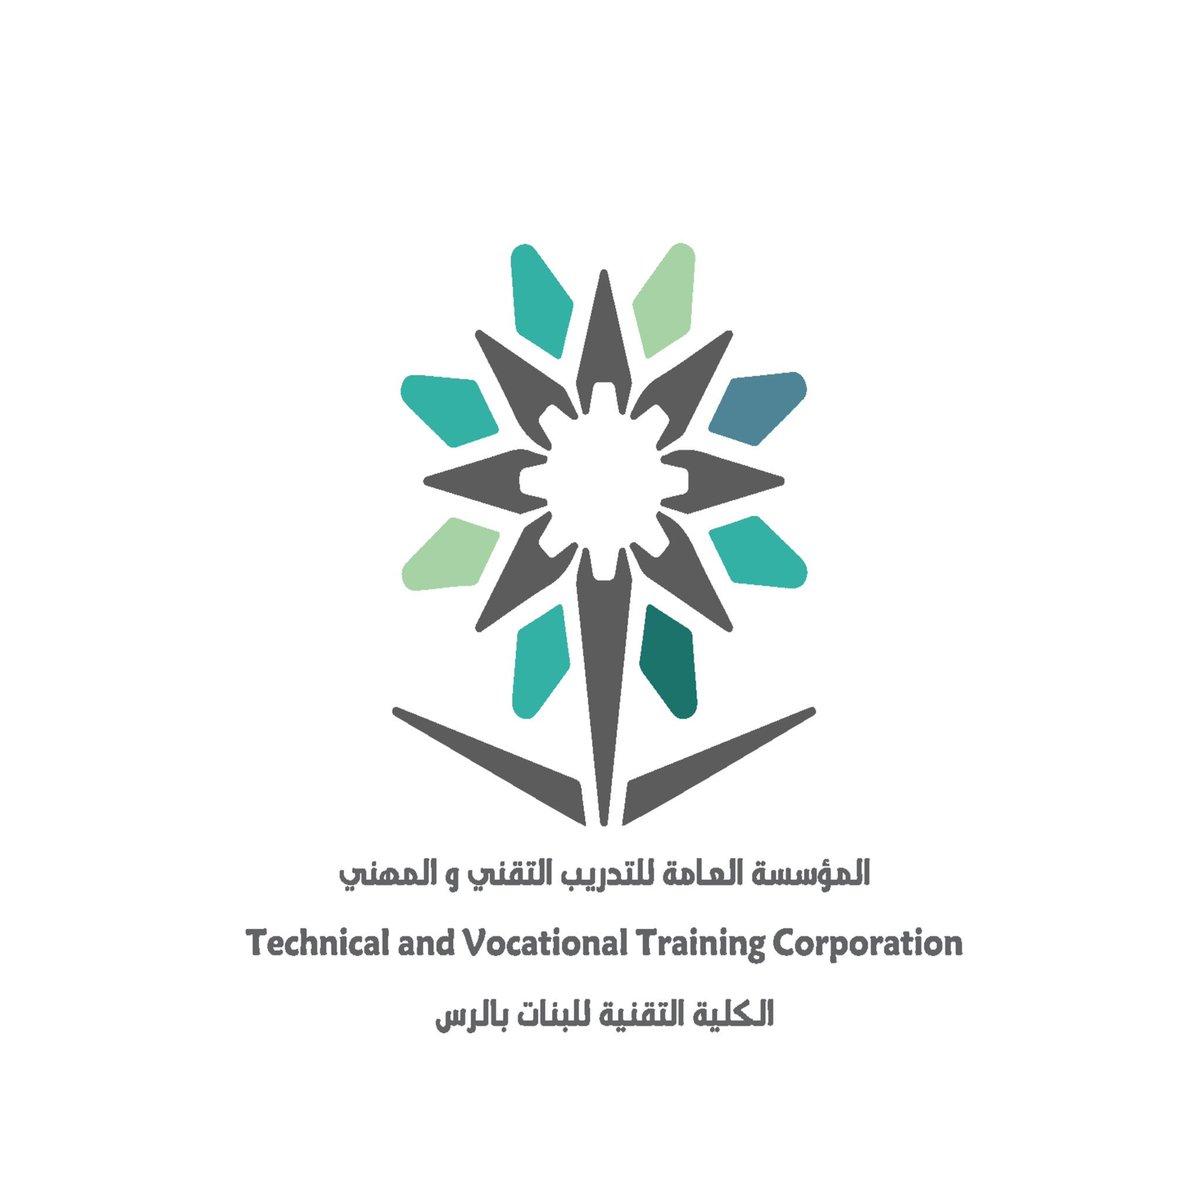 كلية التقنية للبنات بالرس V Twitter وذلك من خلال الرابط الموحد للقبول والتسجيل Https T Co Wix7hyh9ek